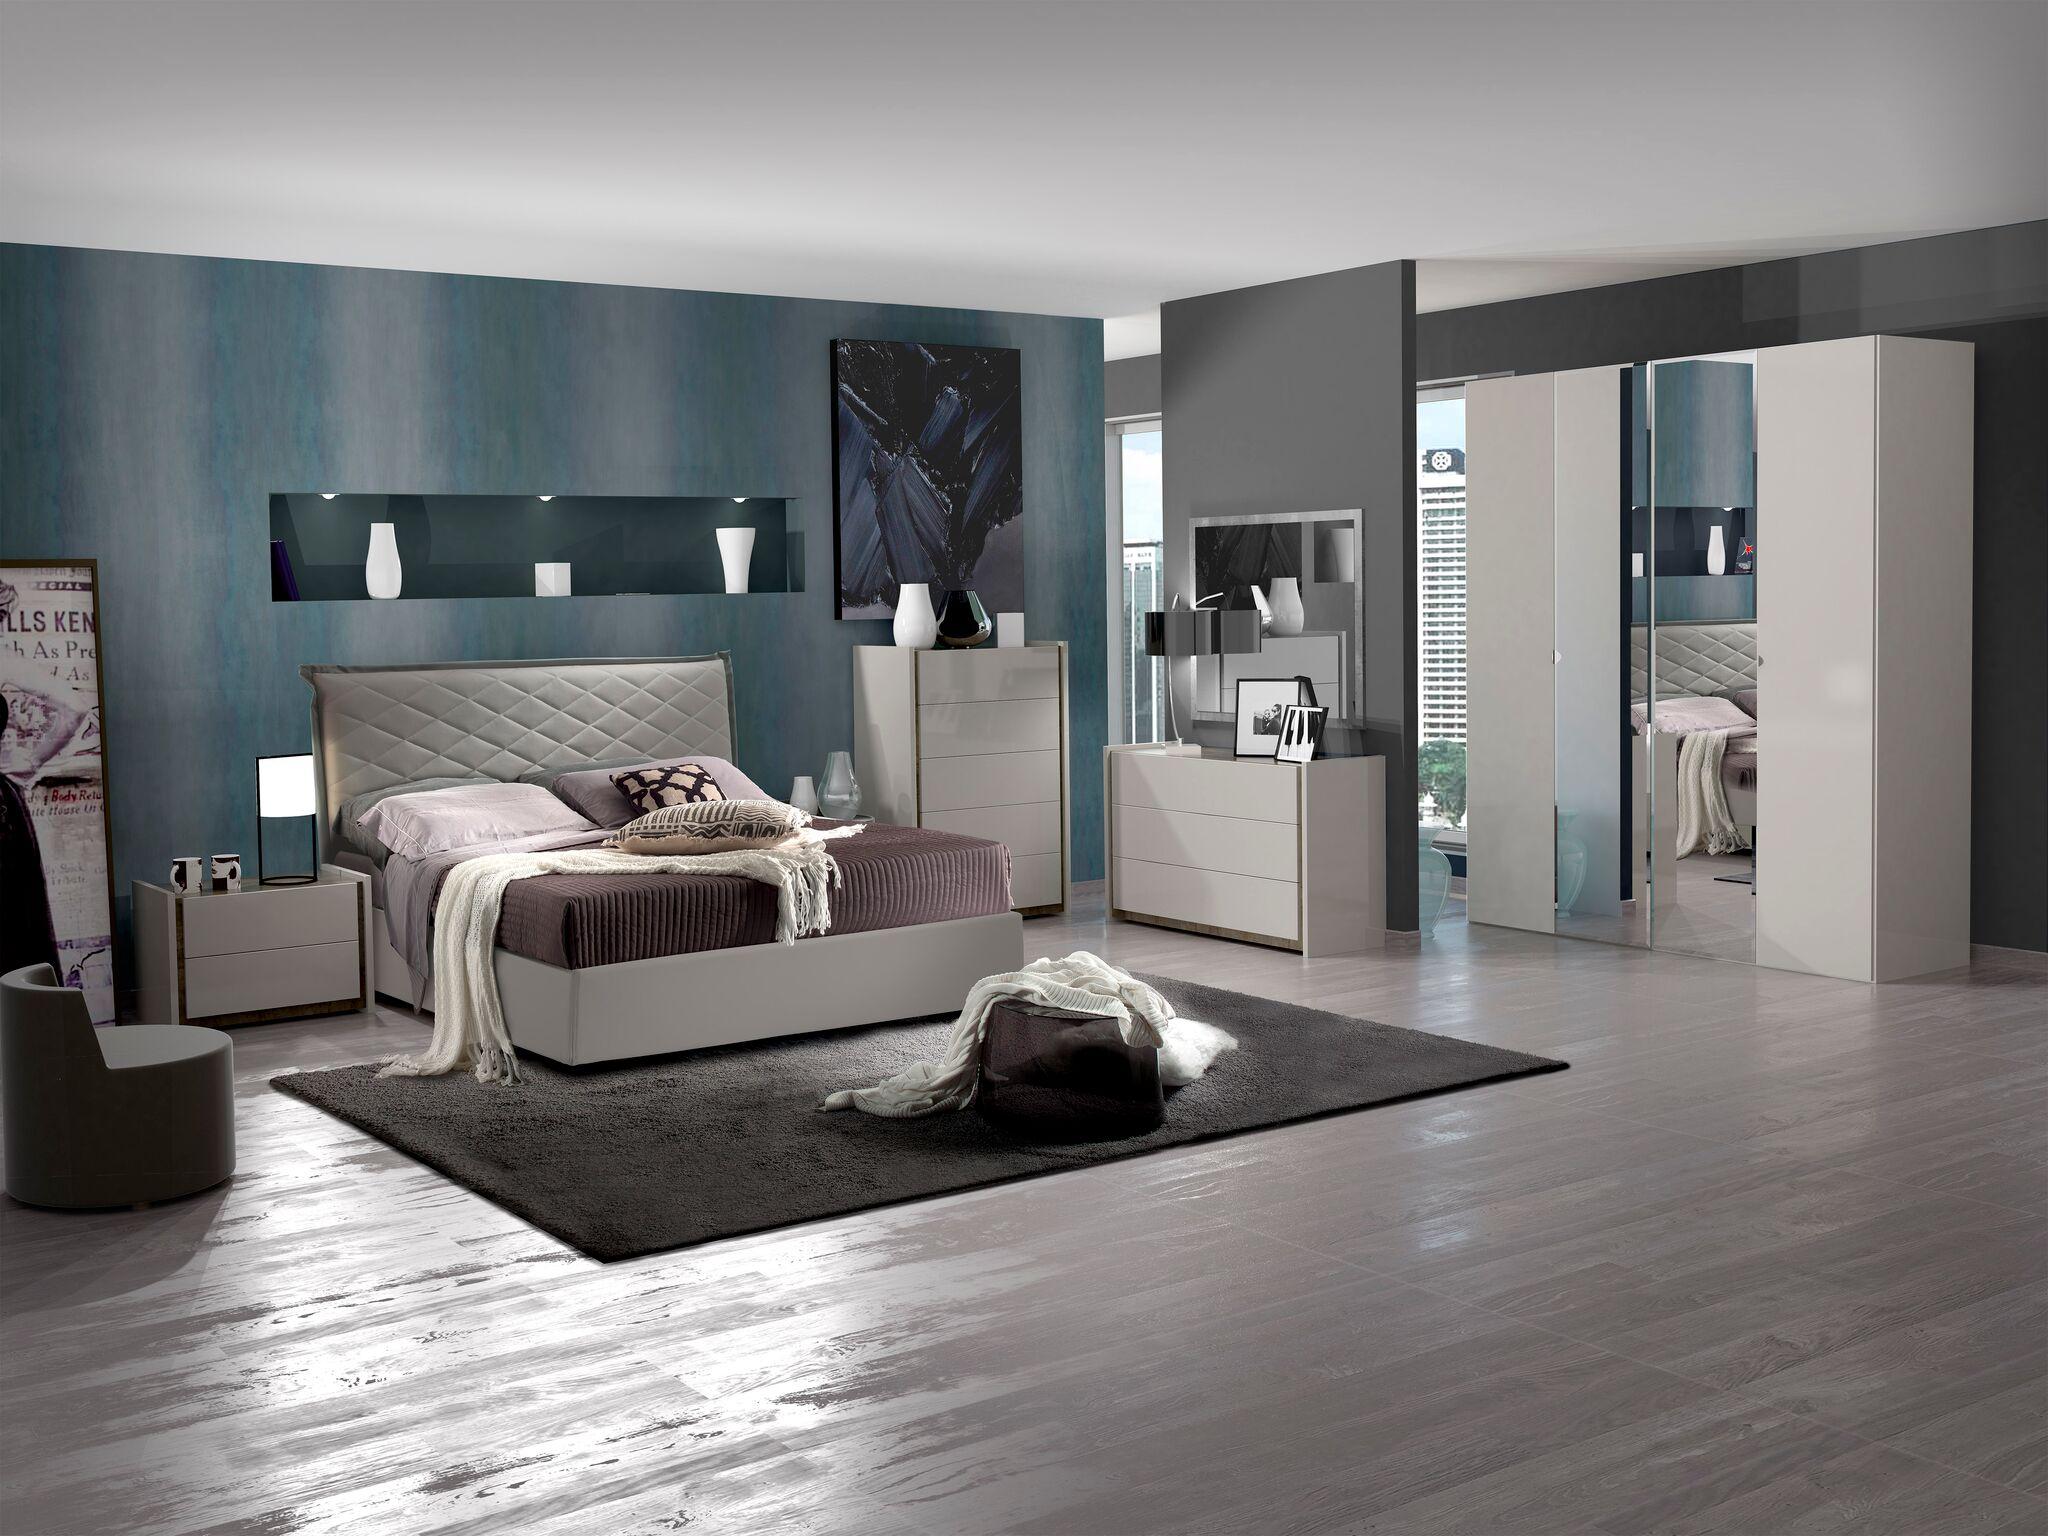 Full Size of Schlafzimmer Set Valencia Modern 180x200 Cm Mit Schrank 4 Trig Romantische Bett Komplett Lattenrost Und Matratze Wohnzimmer Weiß Eckschrank Günstig Regal Wohnzimmer Schlafzimmer Komplett Modern